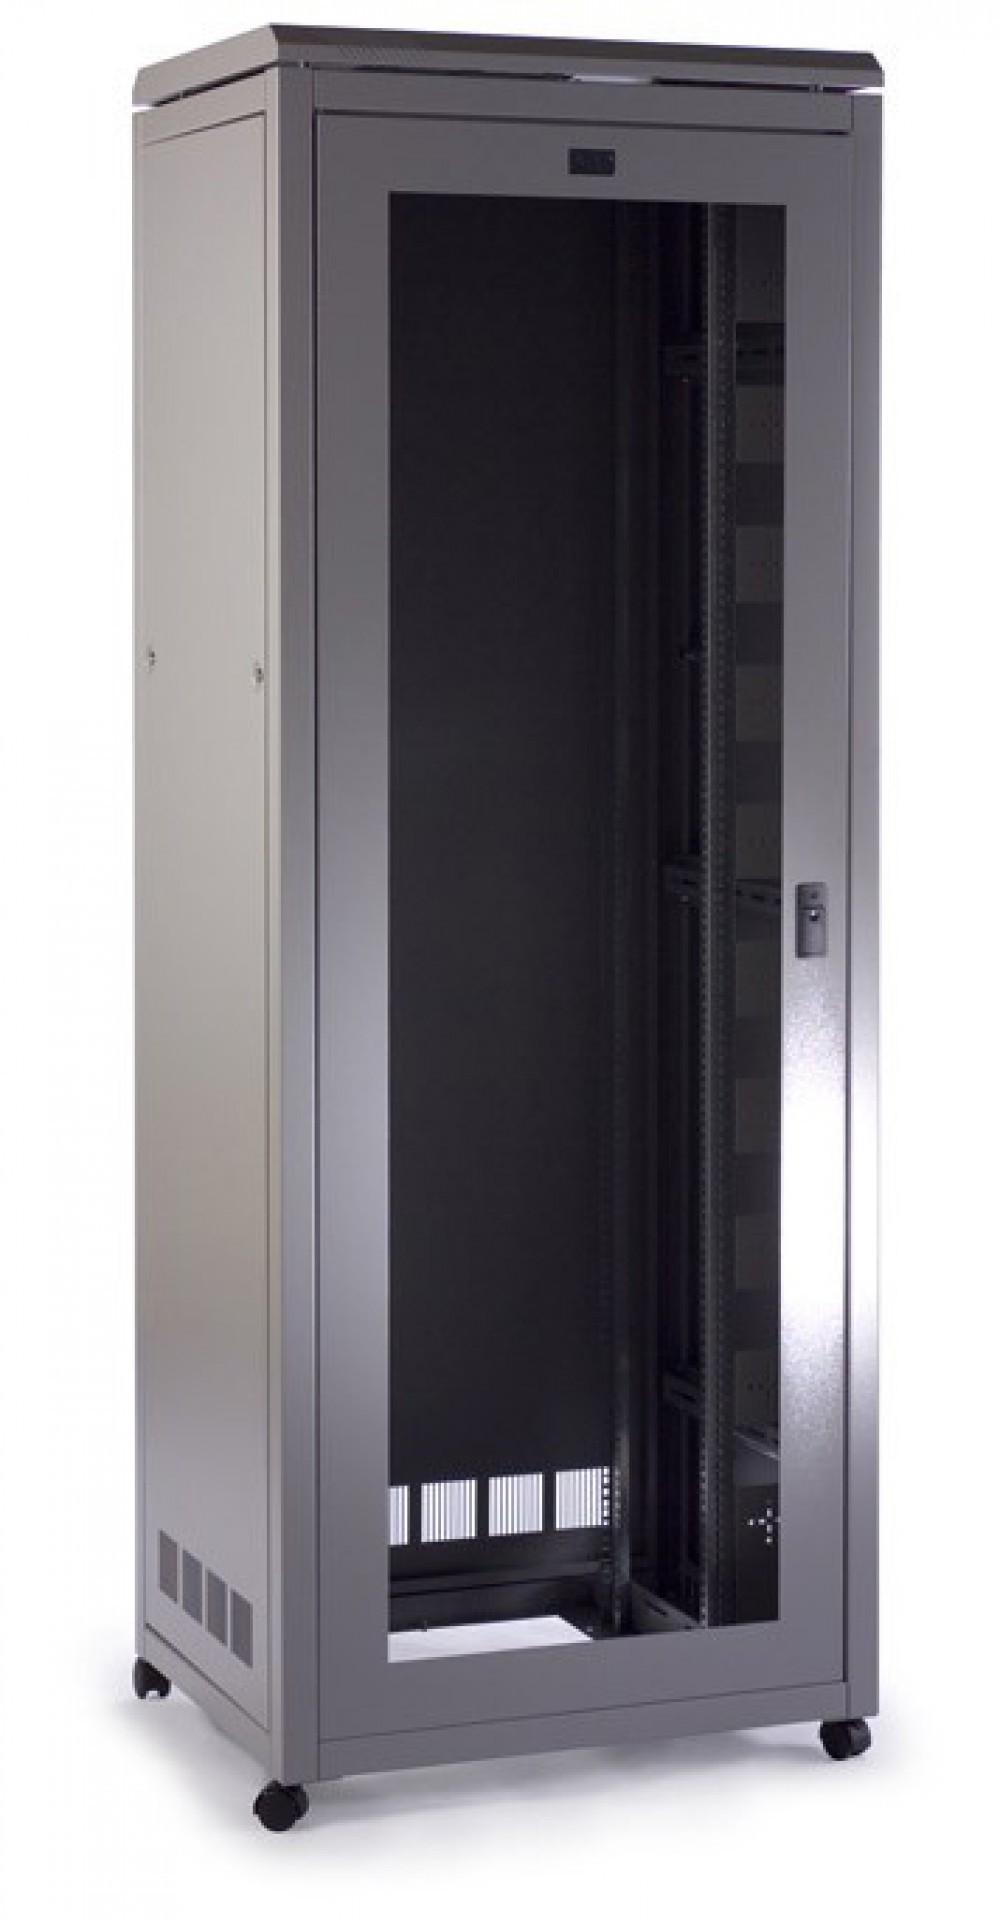 Prism Free Standing Cabinet 45U (2205mmx800mmx600mm)